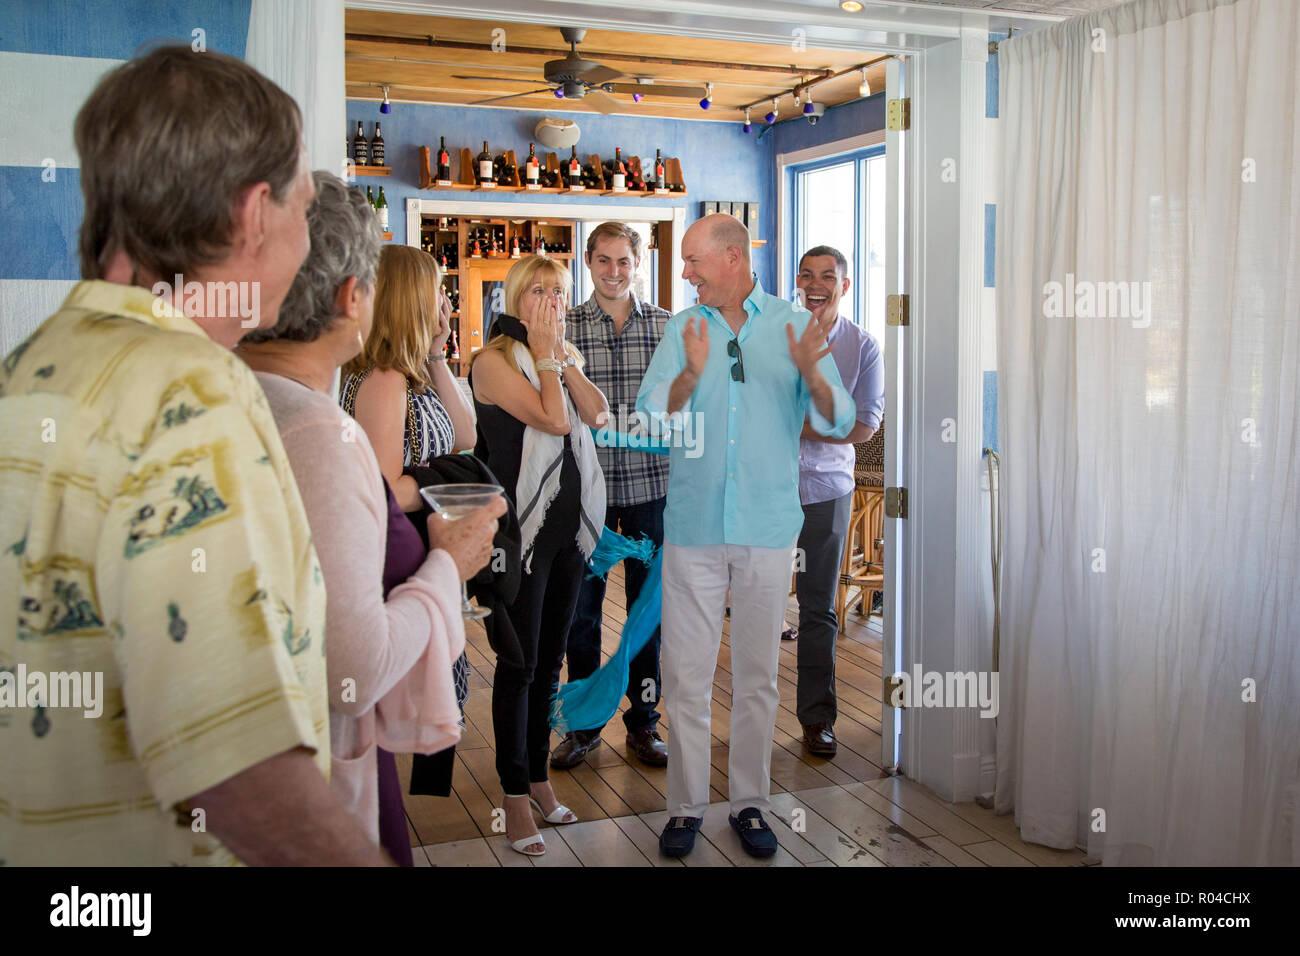 Surpris par quelques amis lors d'une fête surprise, Naples, Florida, USA Photo Stock